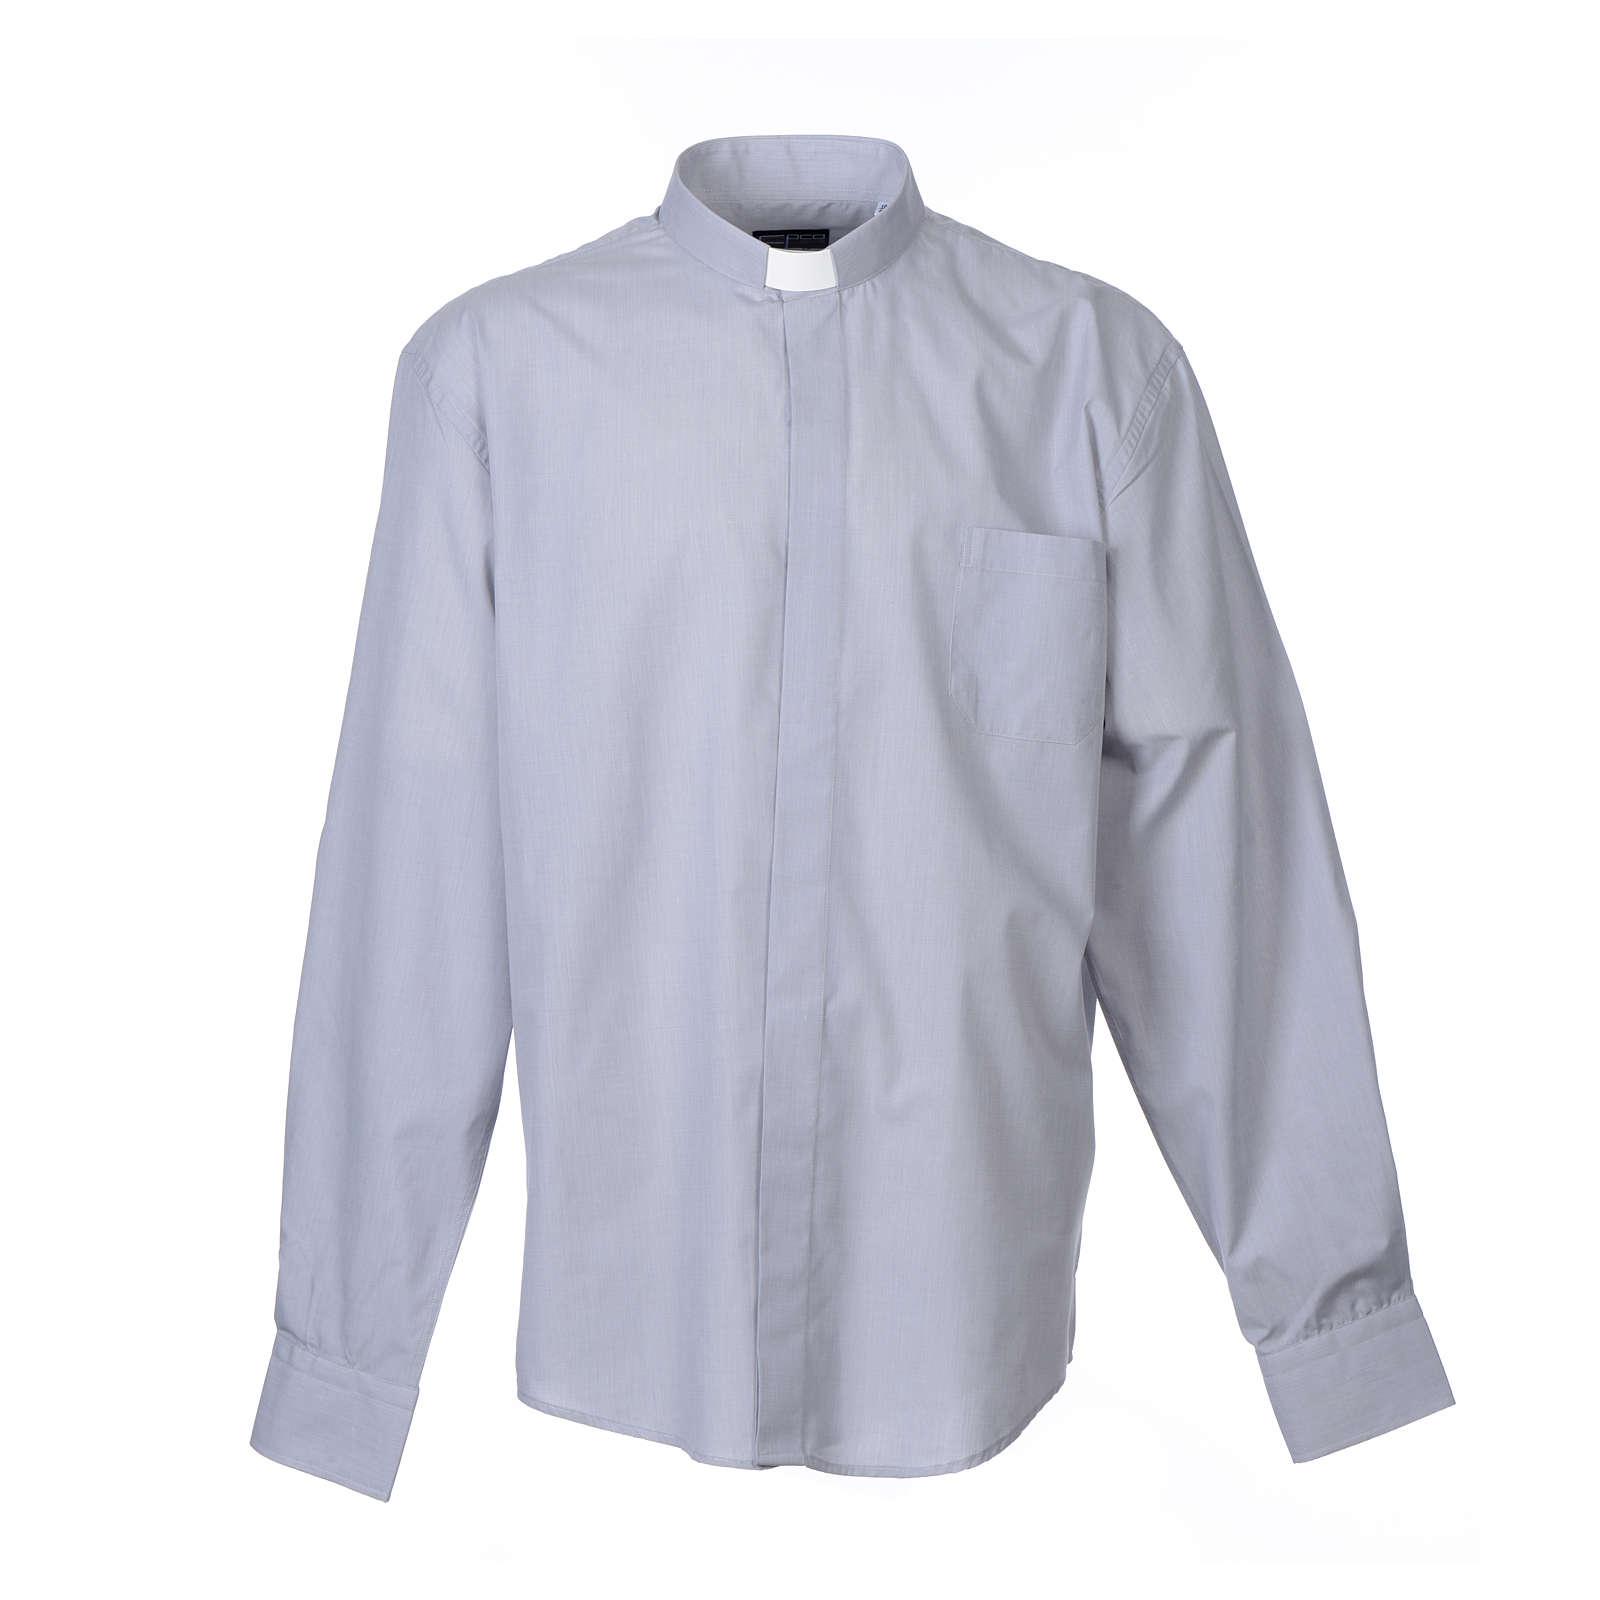 Camisa clergy M/L filafil misto algodão cinzento claro  4